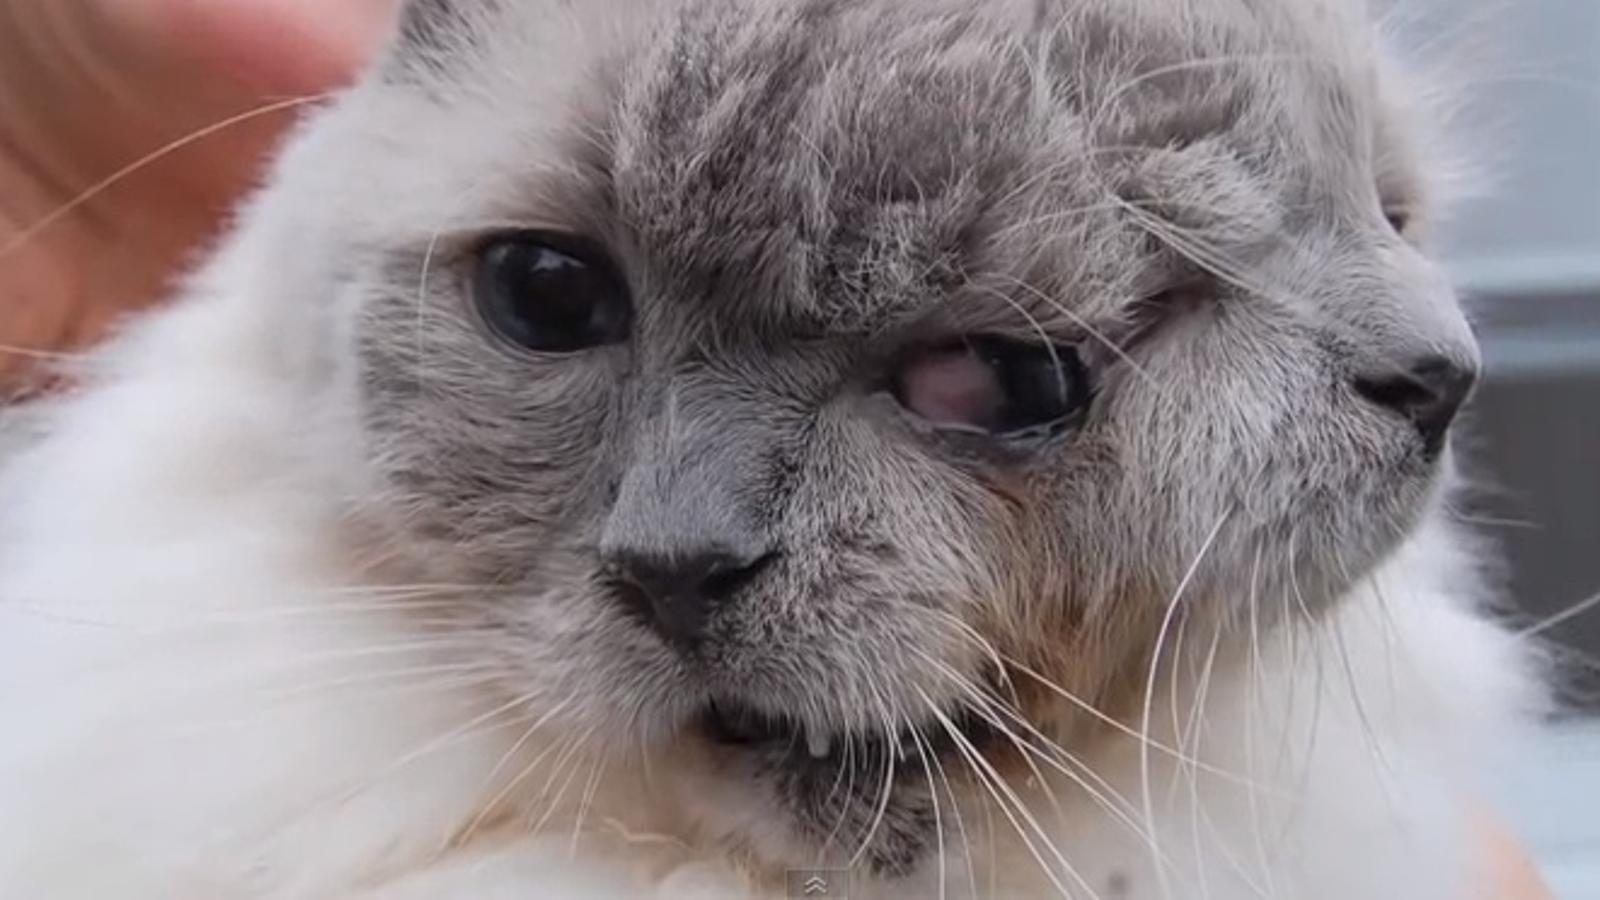 Mor als 15 anys FrankenLouis, el gat amb dues cares